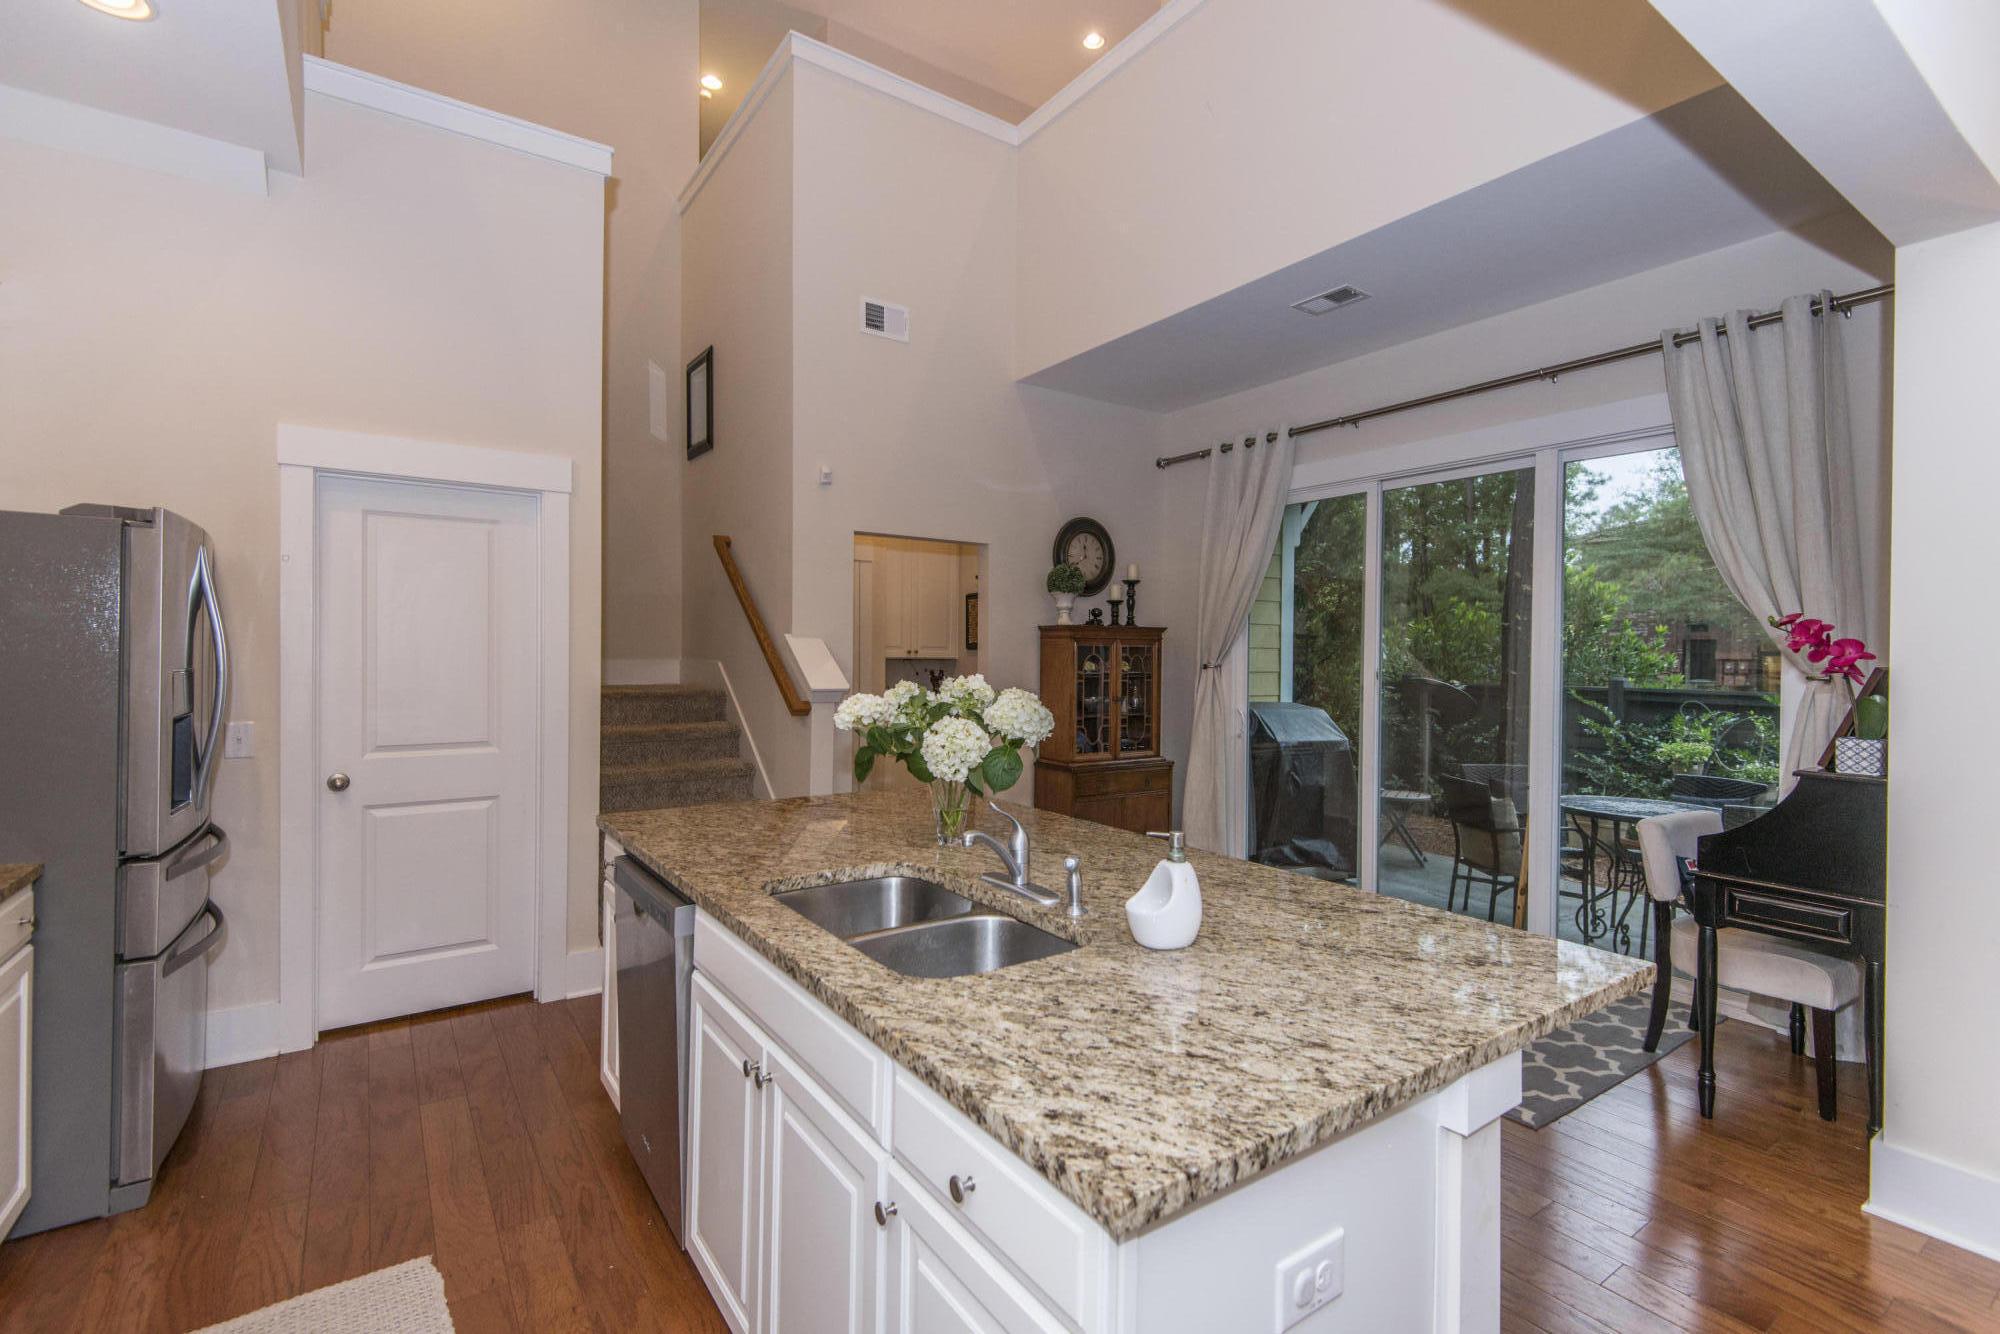 Moultrie Park Homes For Sale - 600 Ellingson, Mount Pleasant, SC - 6